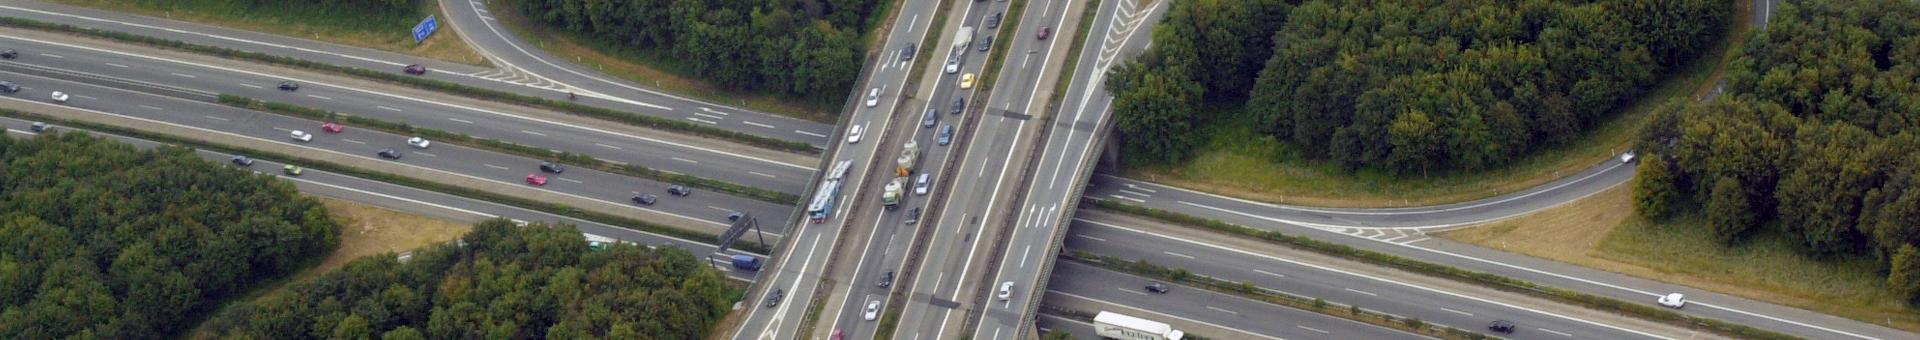 Knotenpunkt Autobahnbrücke